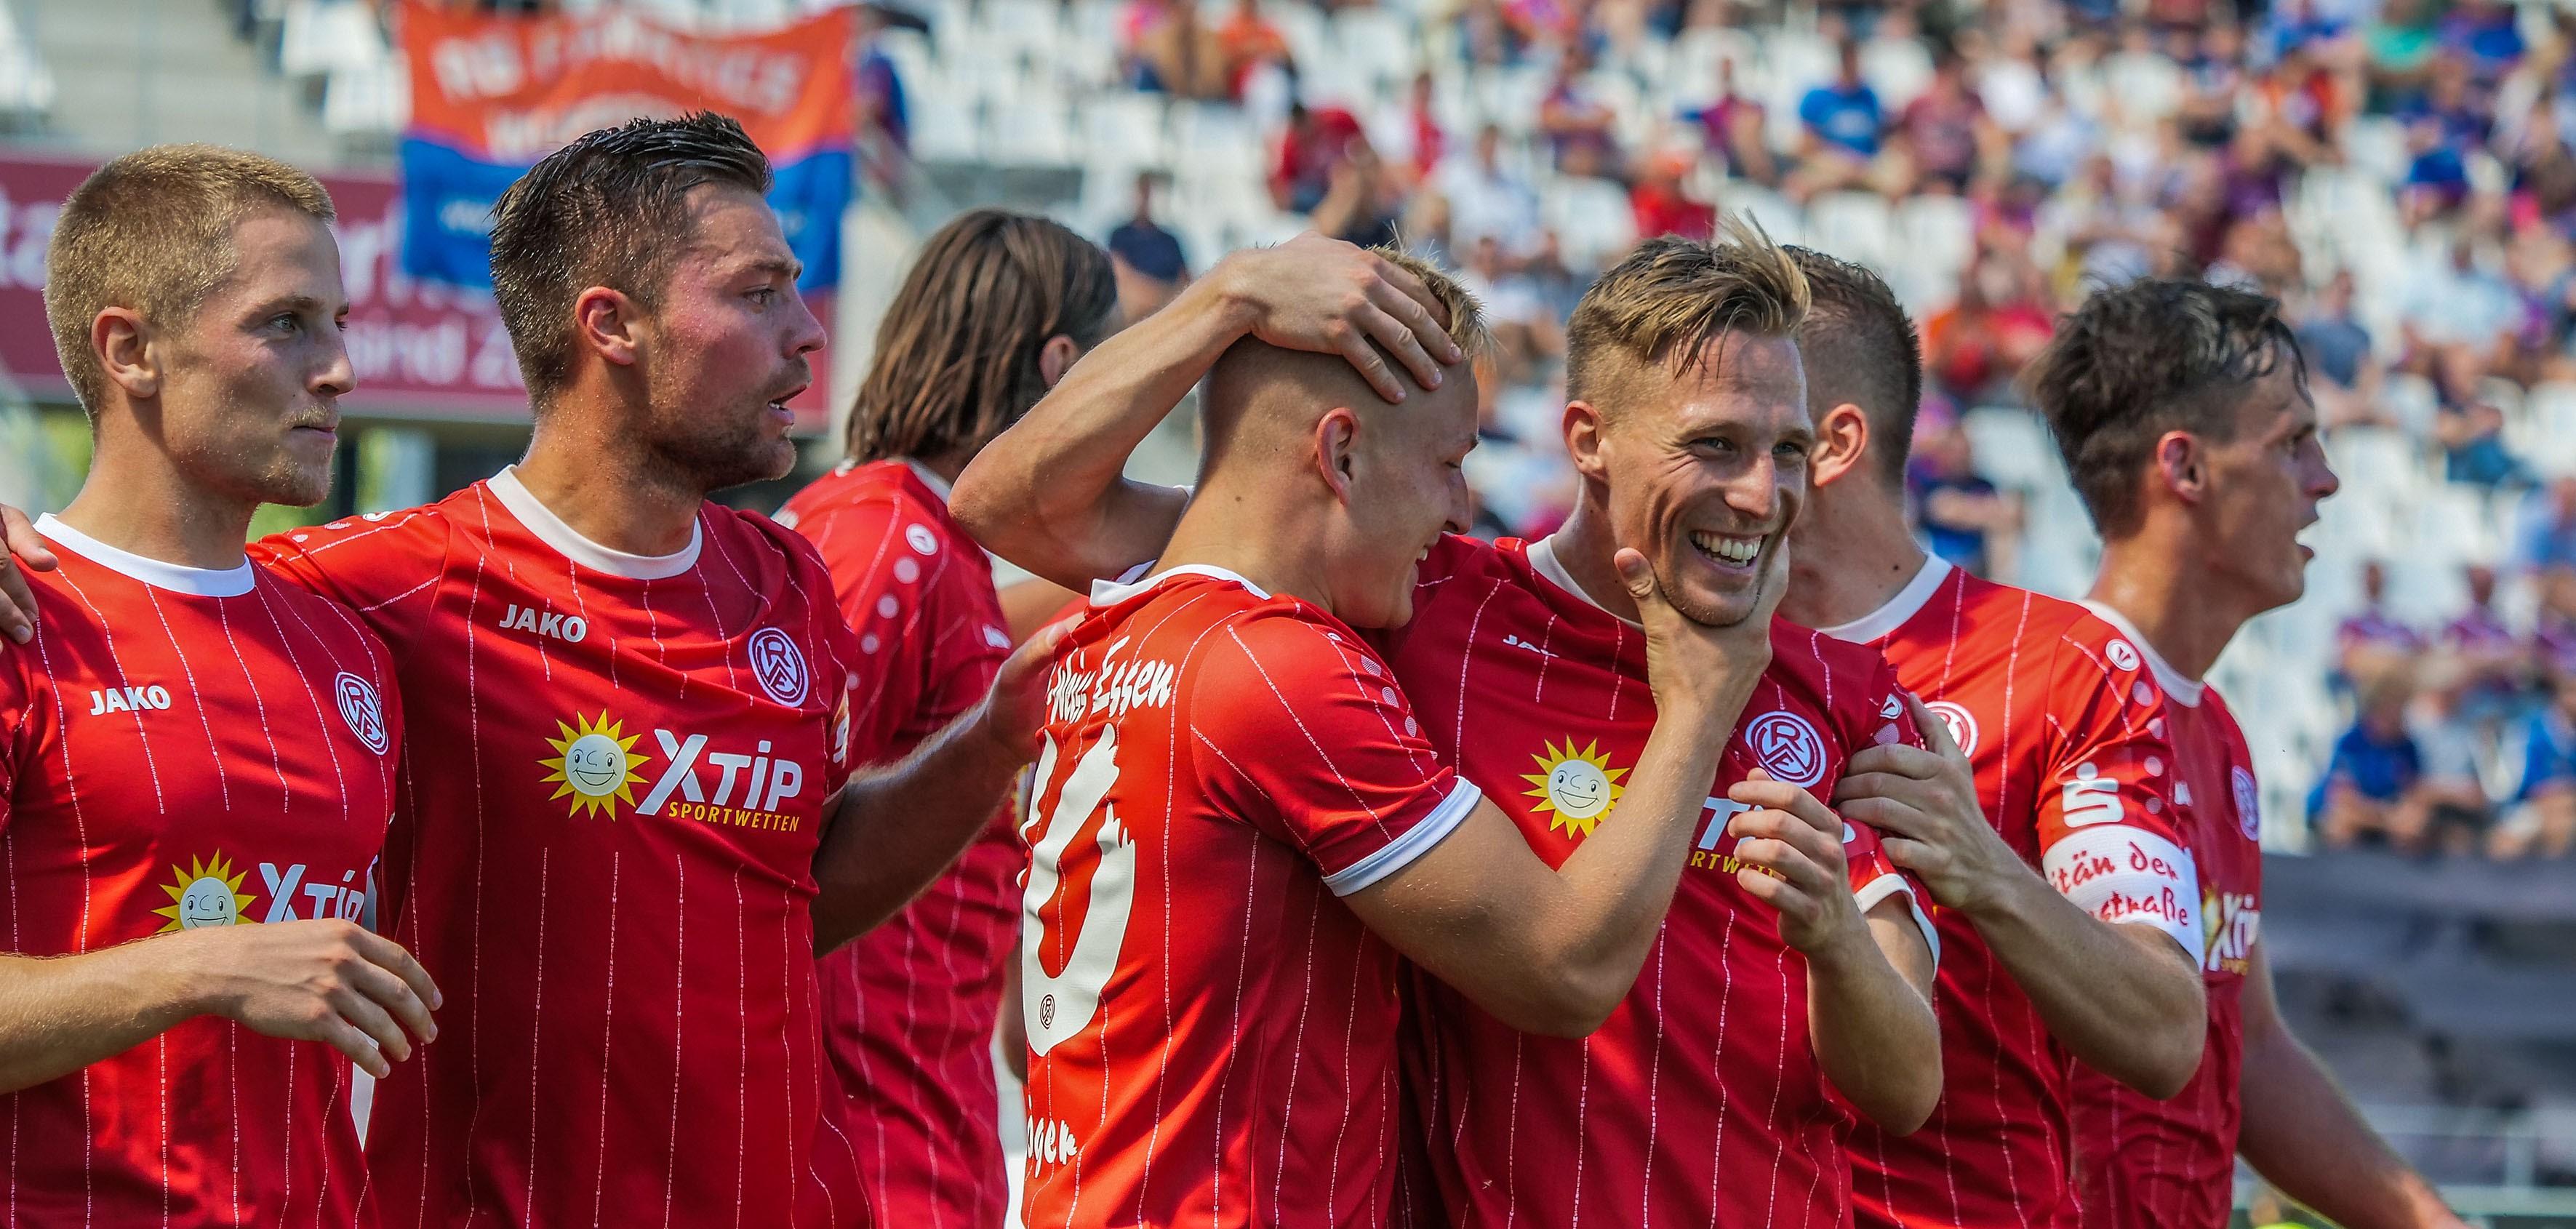 Durch das 2:0 ziehen die Rot-Weissen in die nächste Runde des Niederrheinpokals ein. (Foto: Endberg)